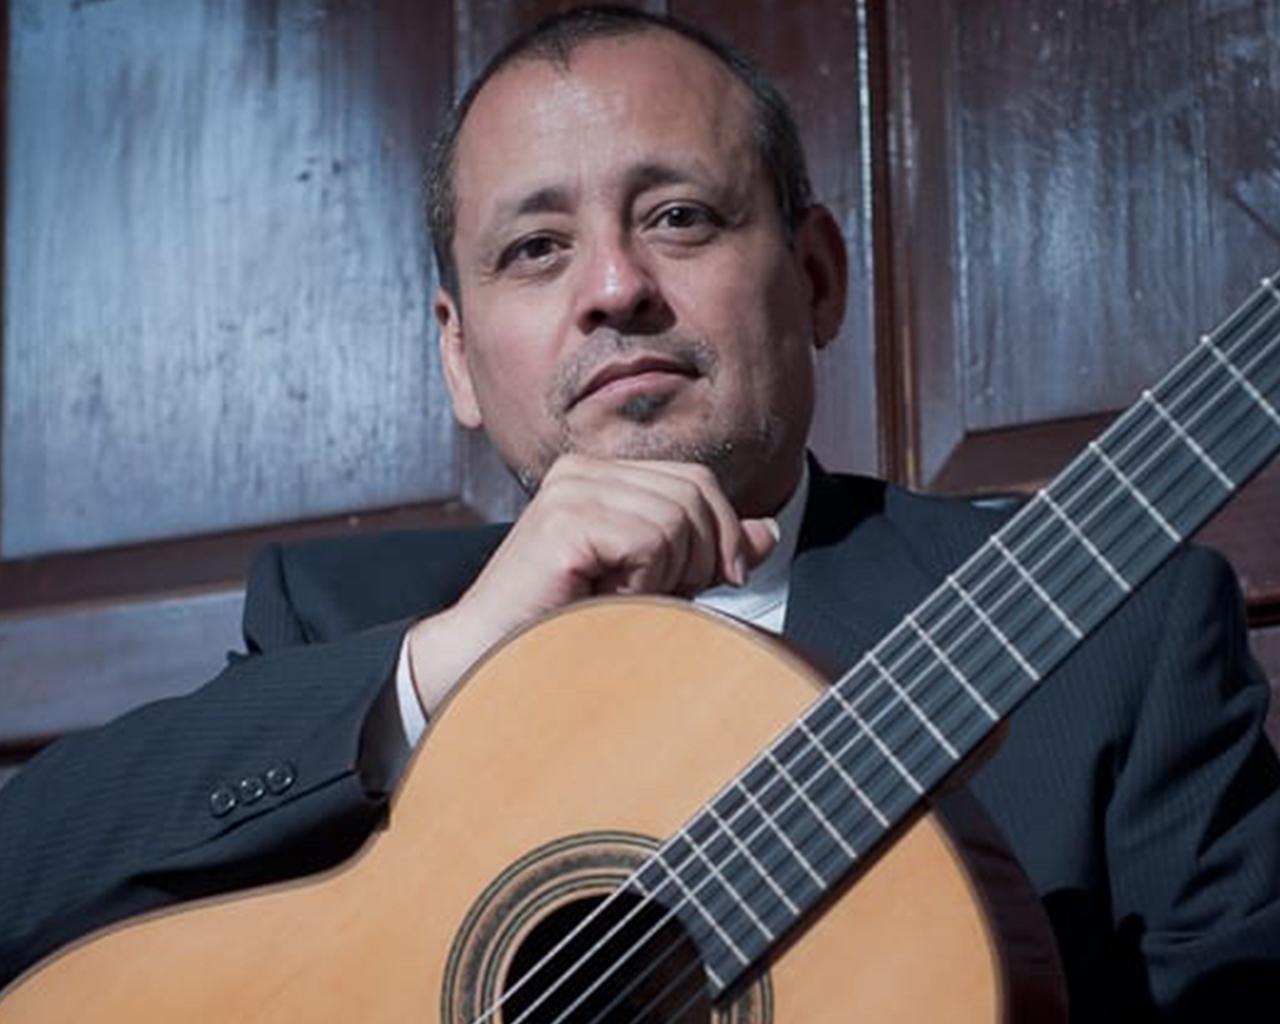 Destacado guitarristas nacionales e internacionales se presentarán en el Maule